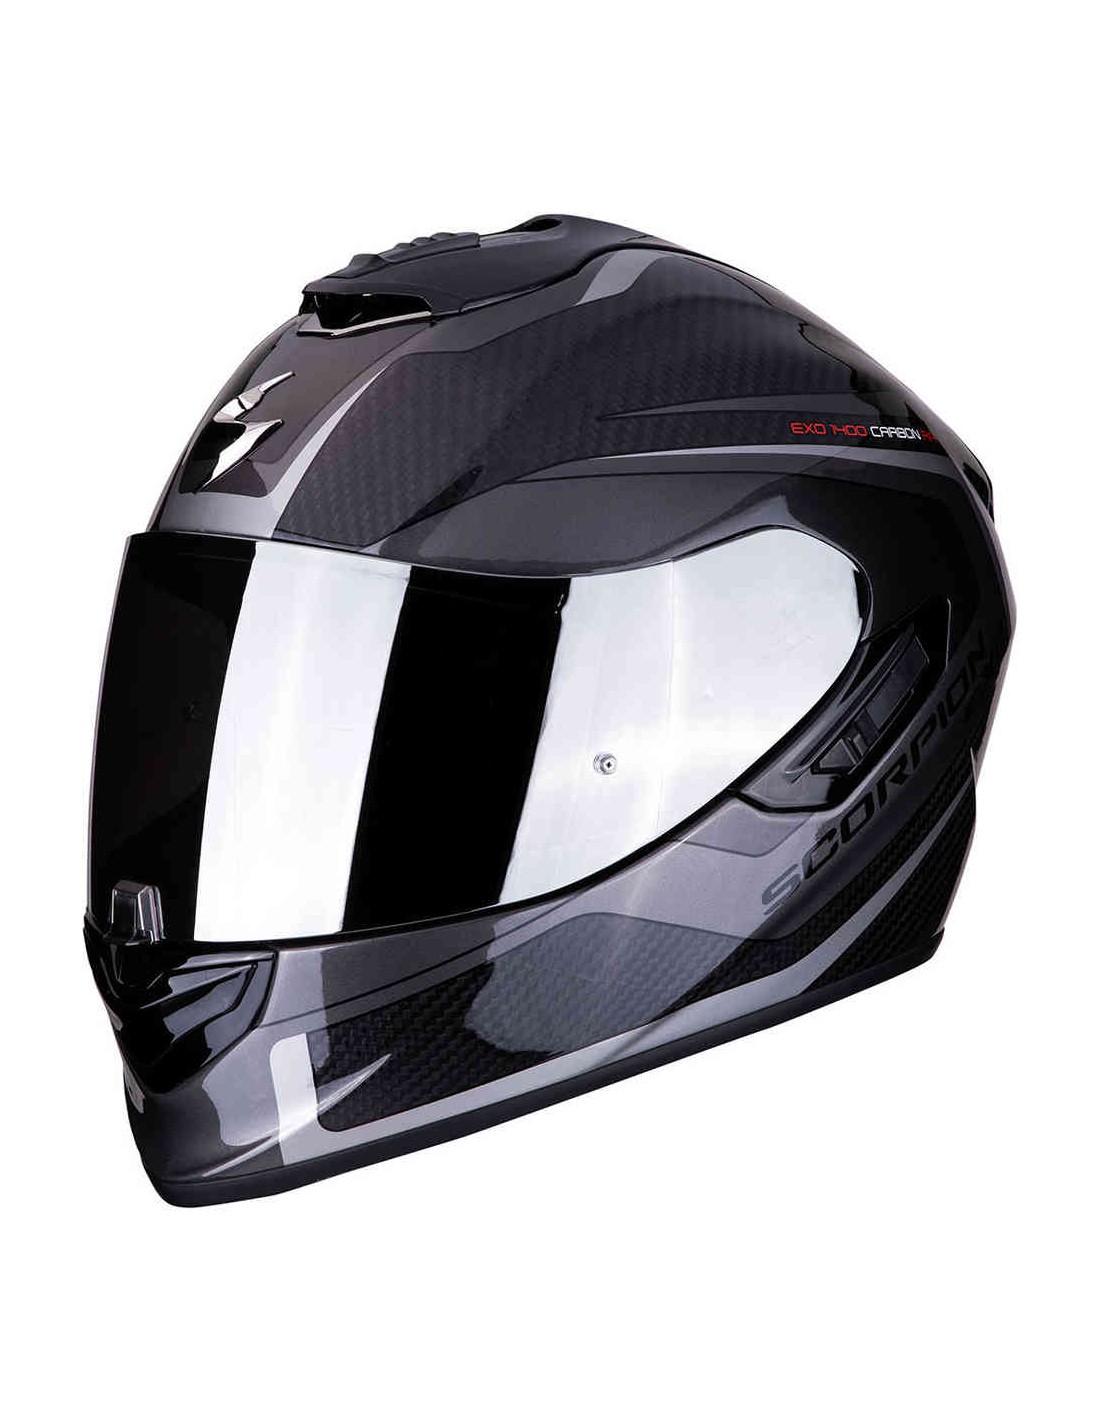 Casco de Scorpion 1400 Carbon Air Esprit